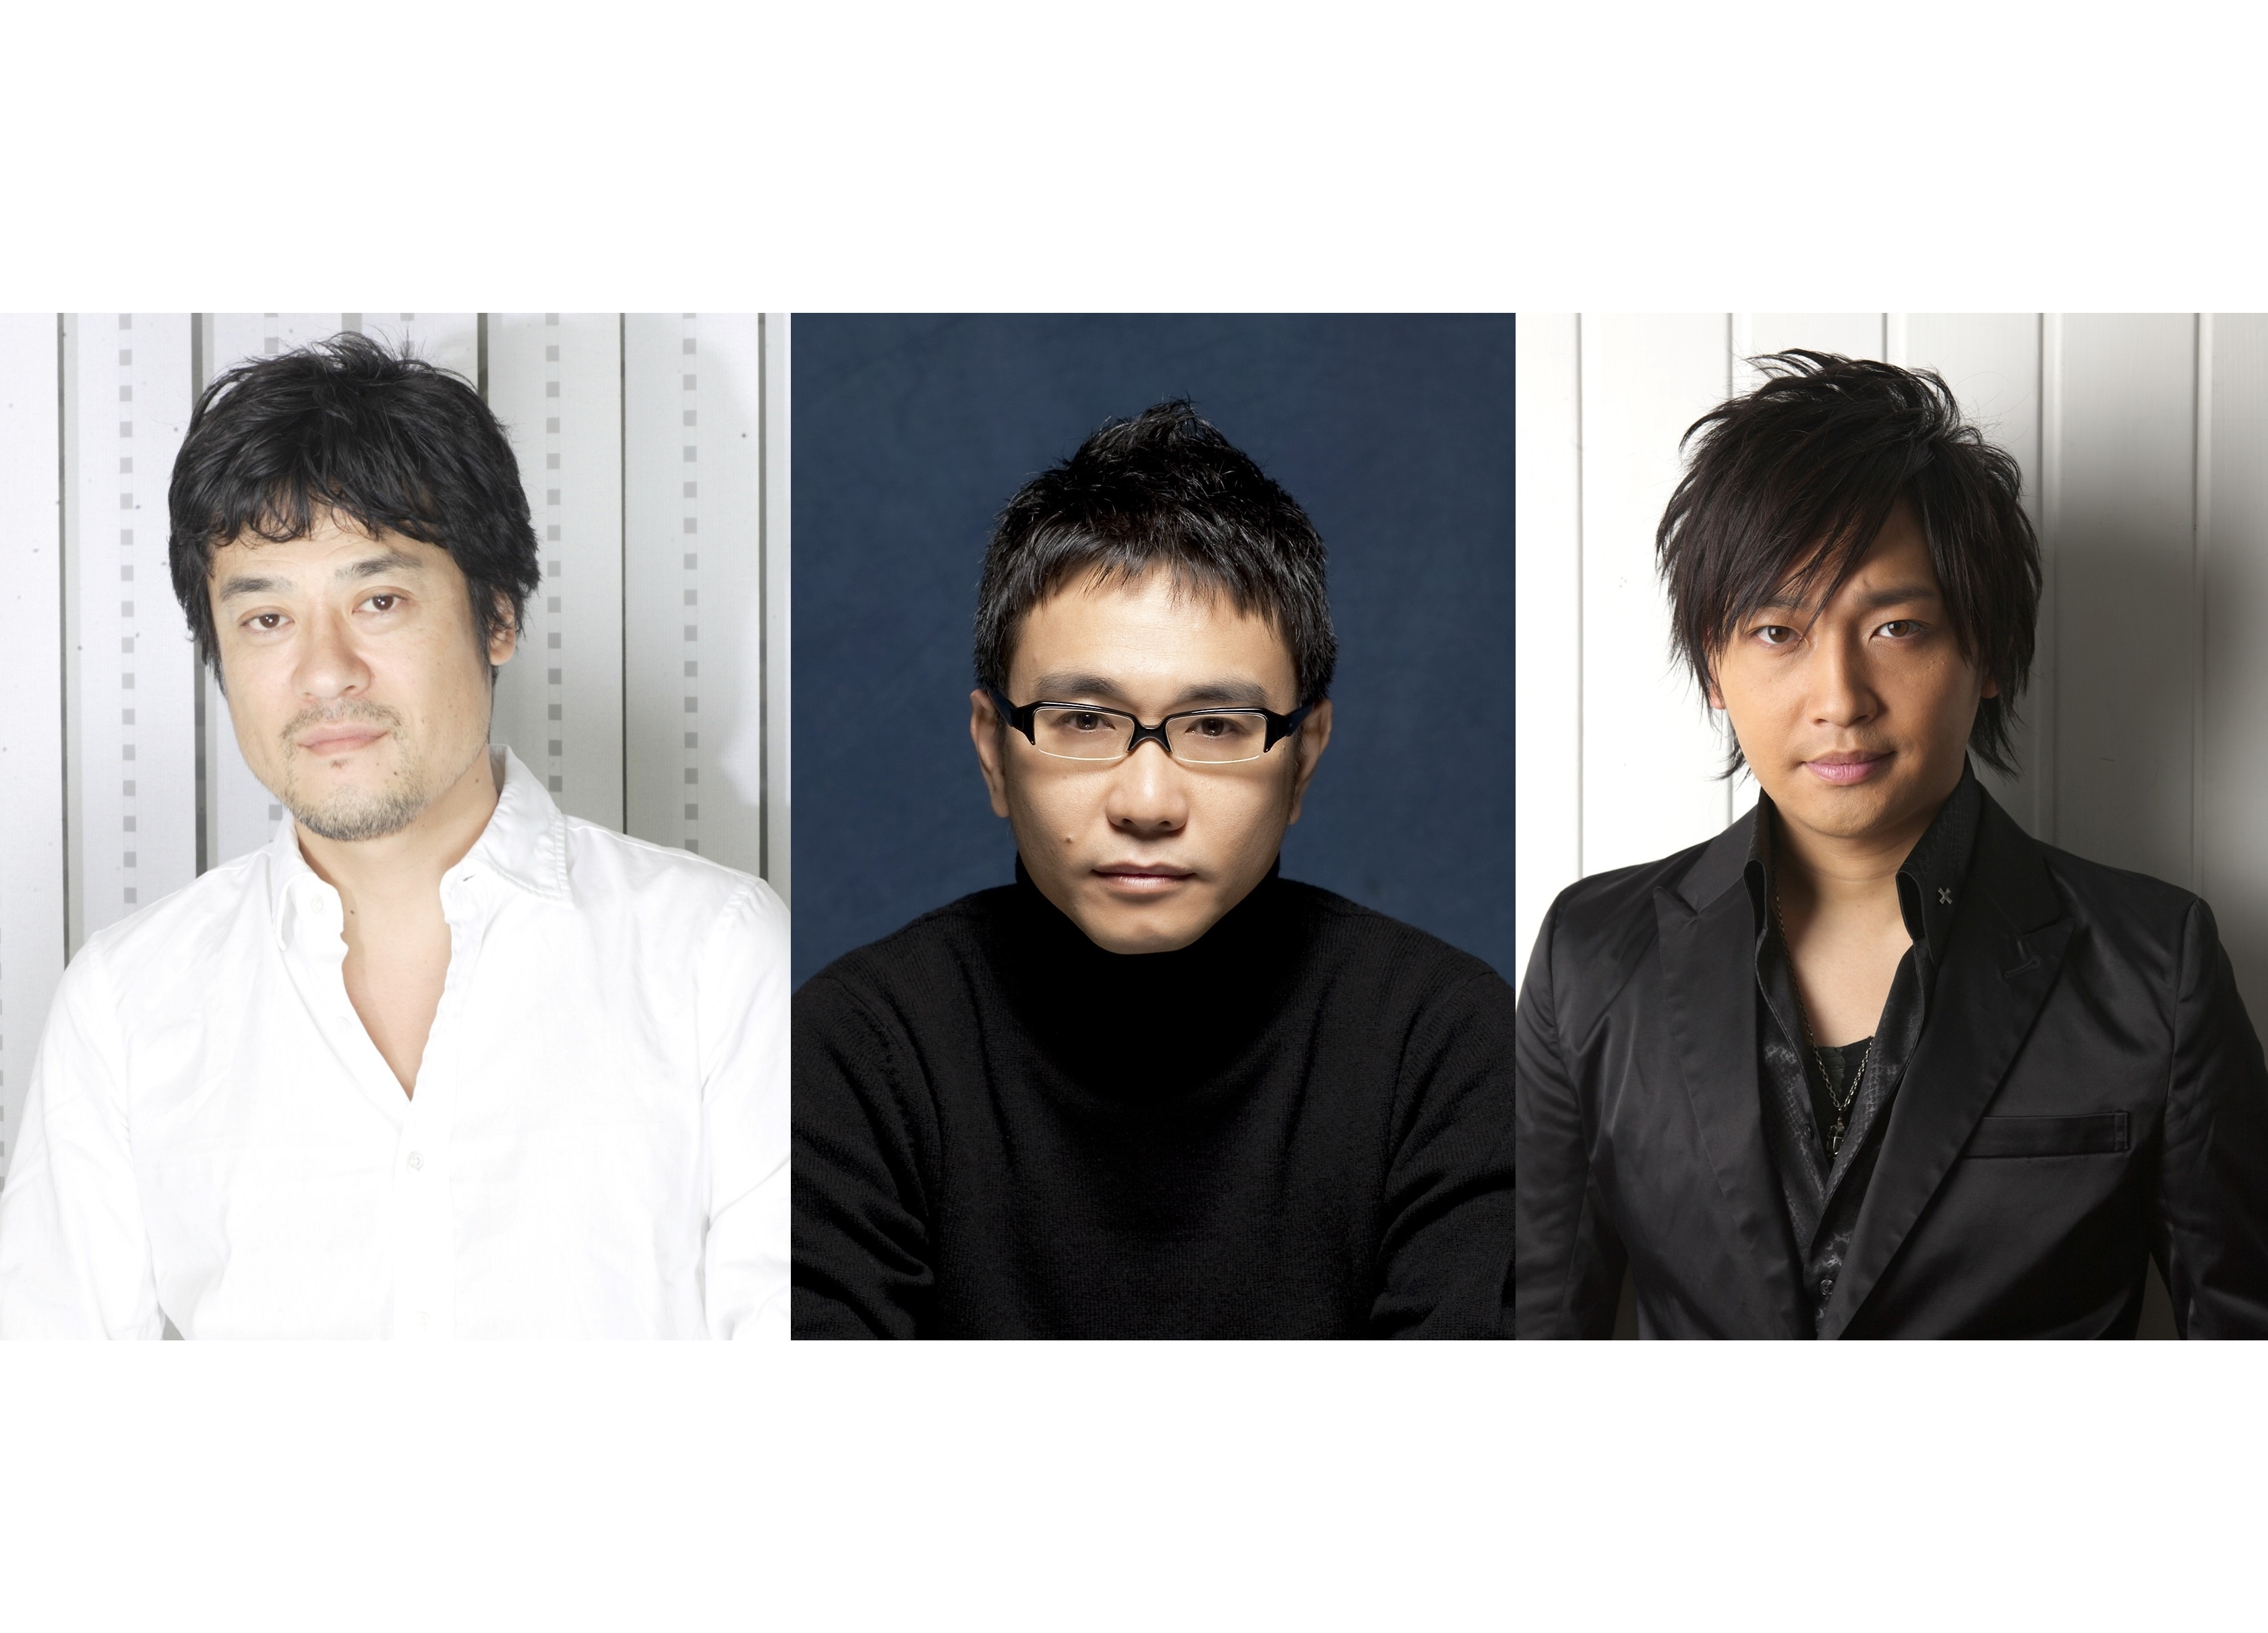 『ドクター・ドリトル』日本語吹替版本編映像 公開